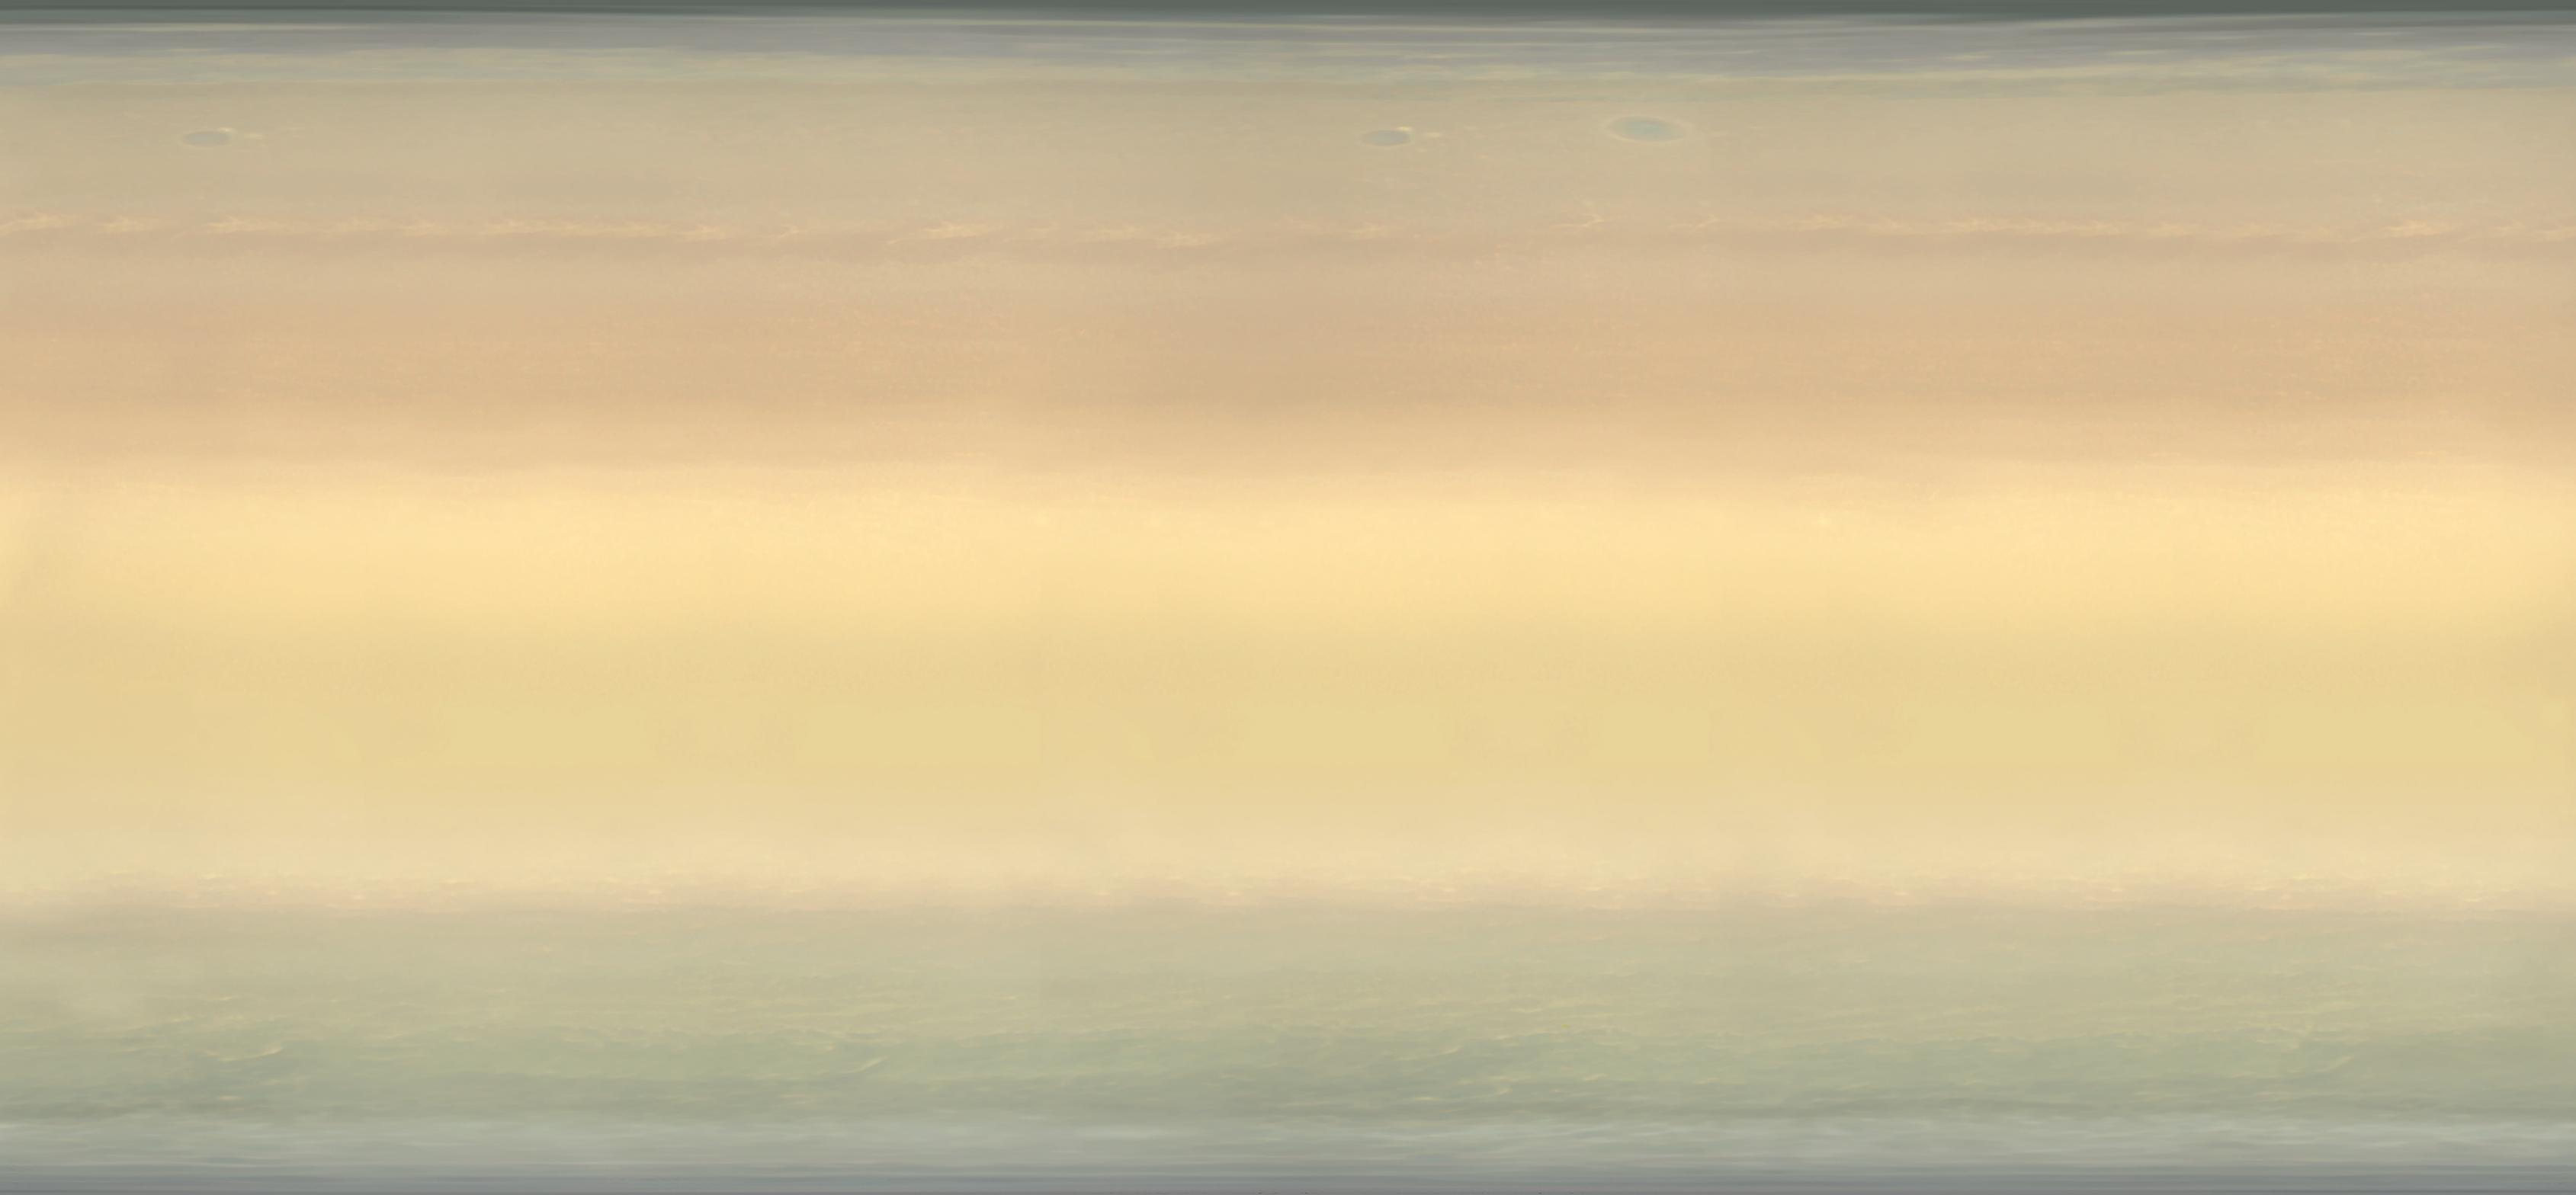 gas giant texture - photo #33